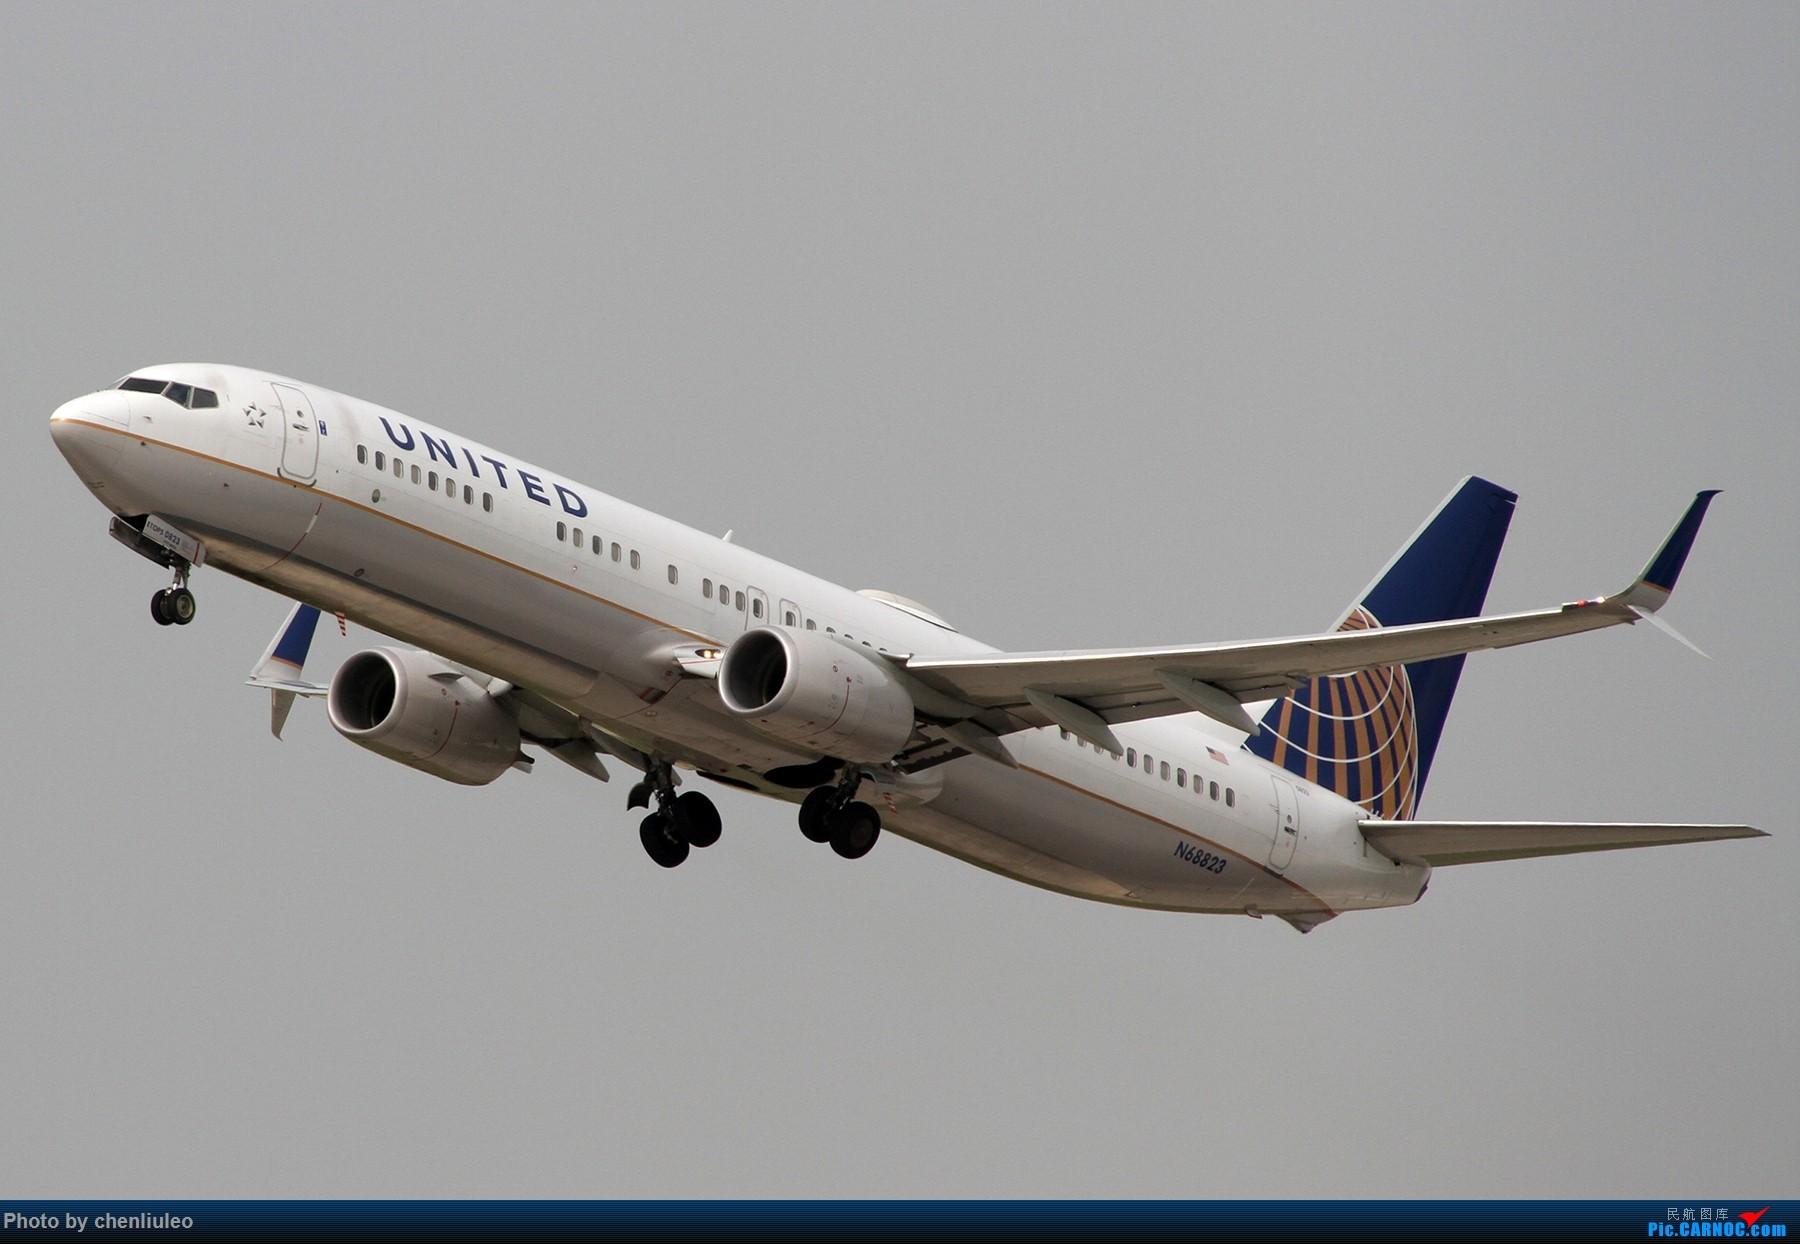 Re:[原创]【北美飞友会】芝加哥奥黑尔机场首拍 BOEING 737-900ER N68823 美国芝加哥奥黑尔国际机场